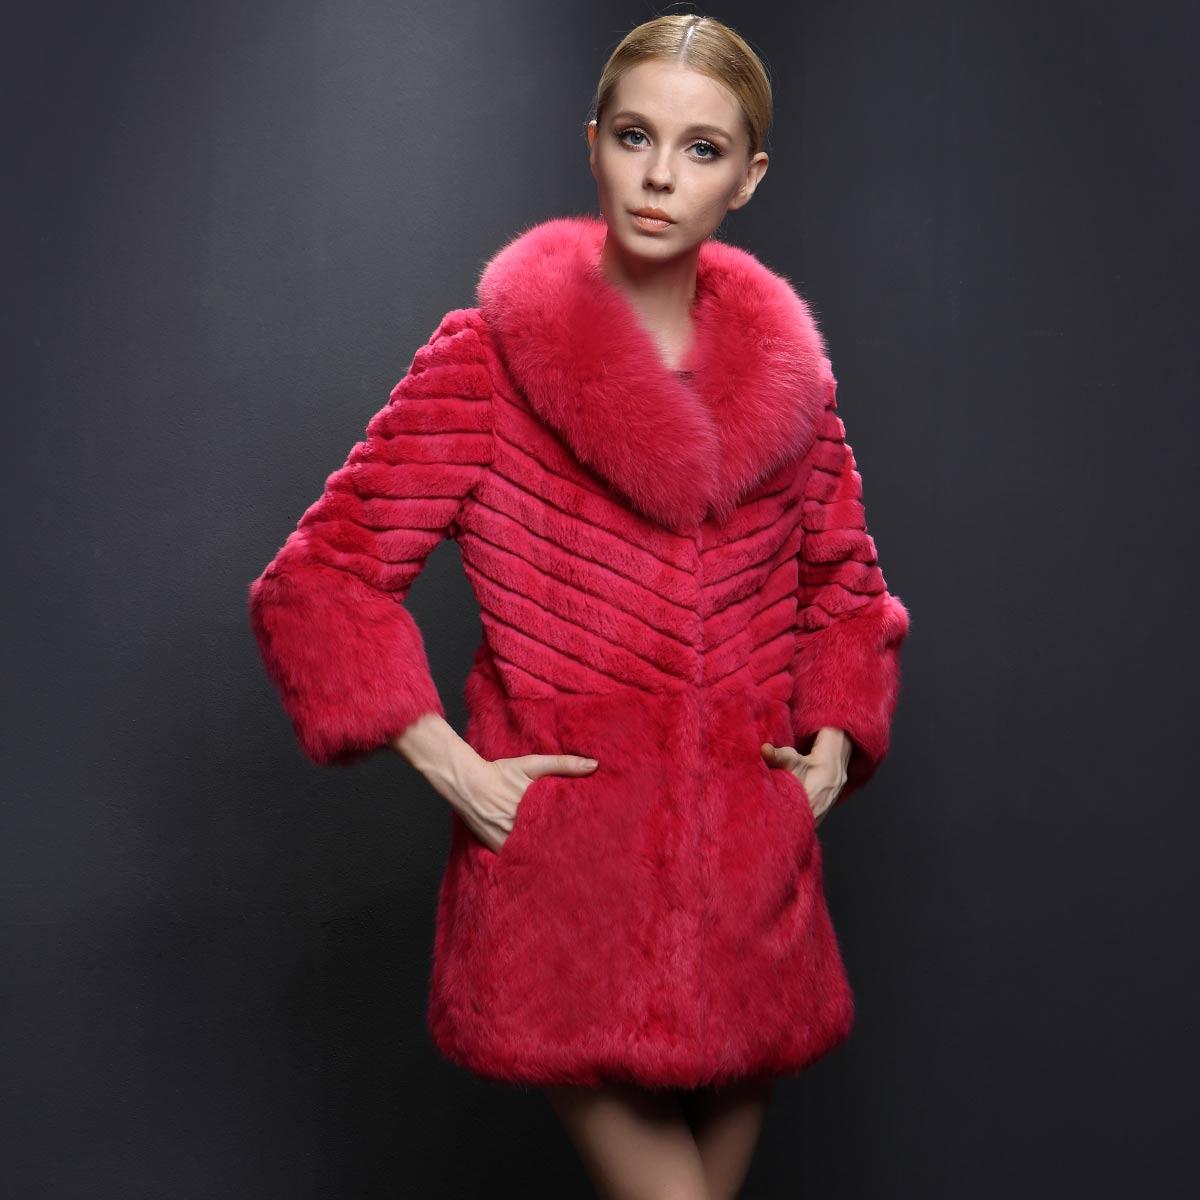 Женская одежда из меха  122